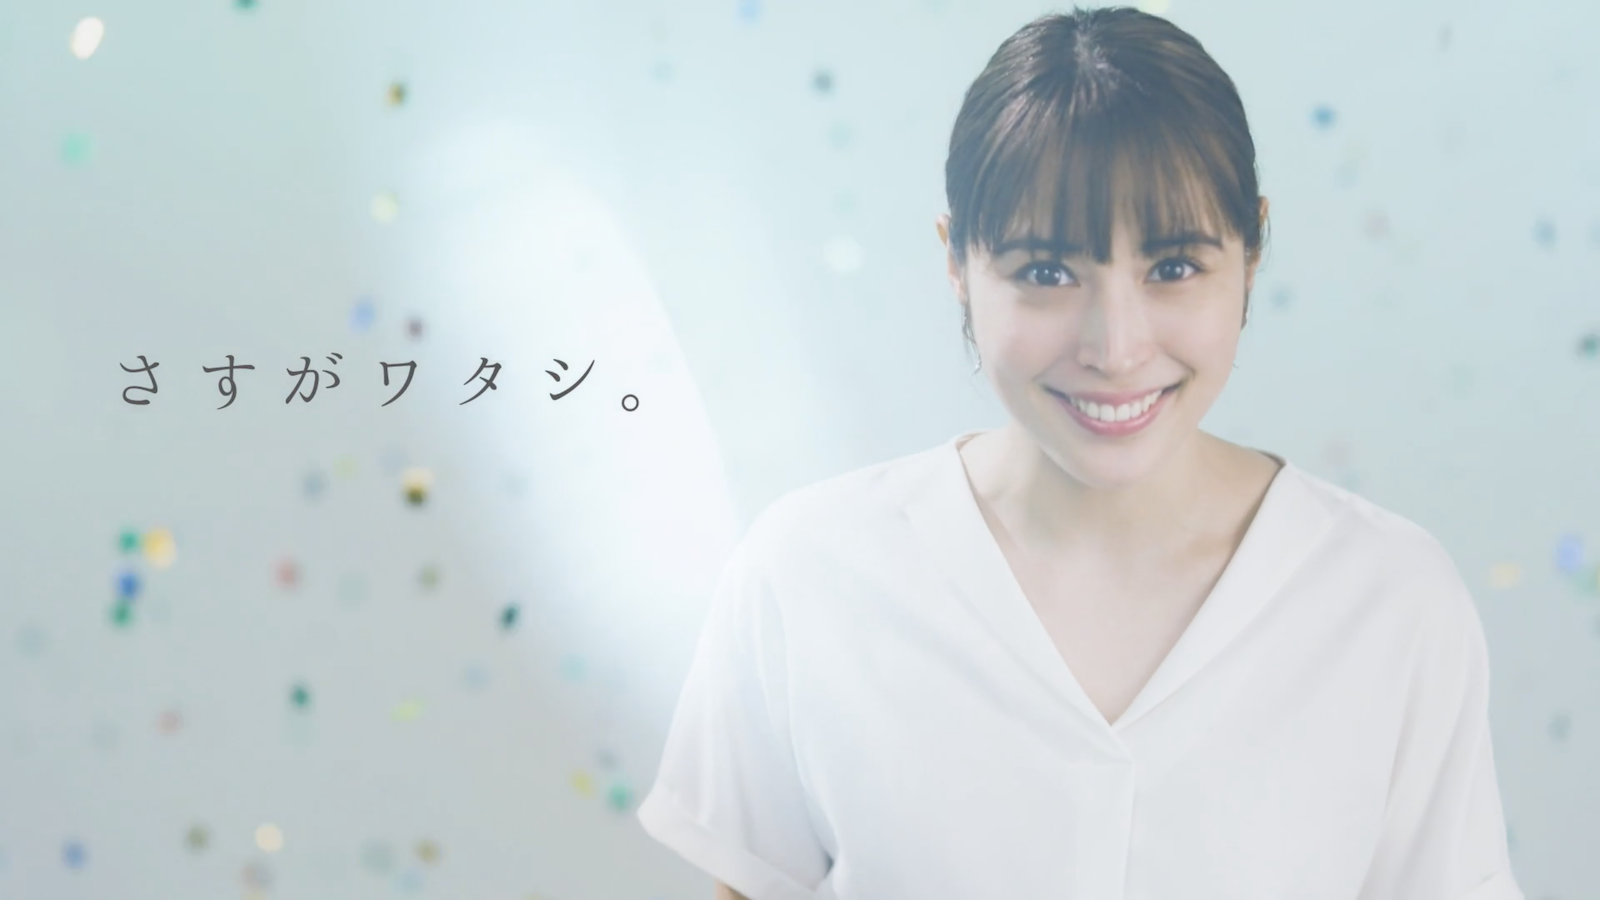 東京都知事選広報映像「見てるよ、東京。」篇